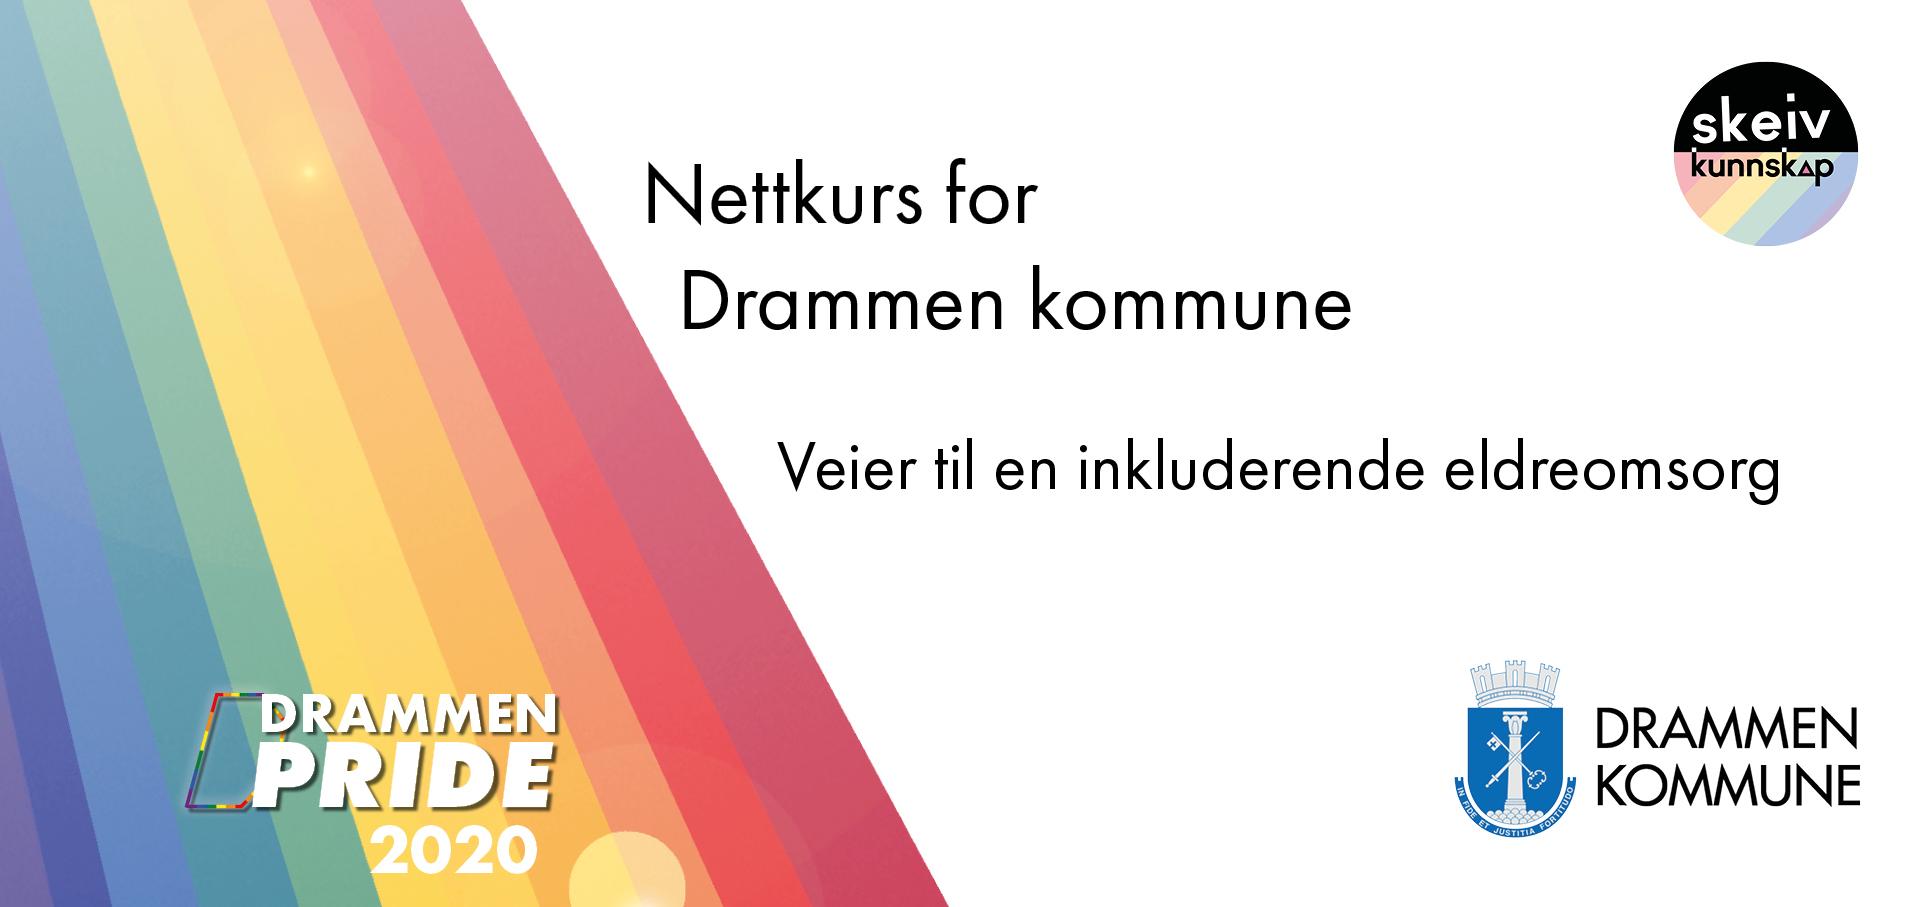 Nettkurs for Drammen kommune - i anledning Drammen Pride 2020